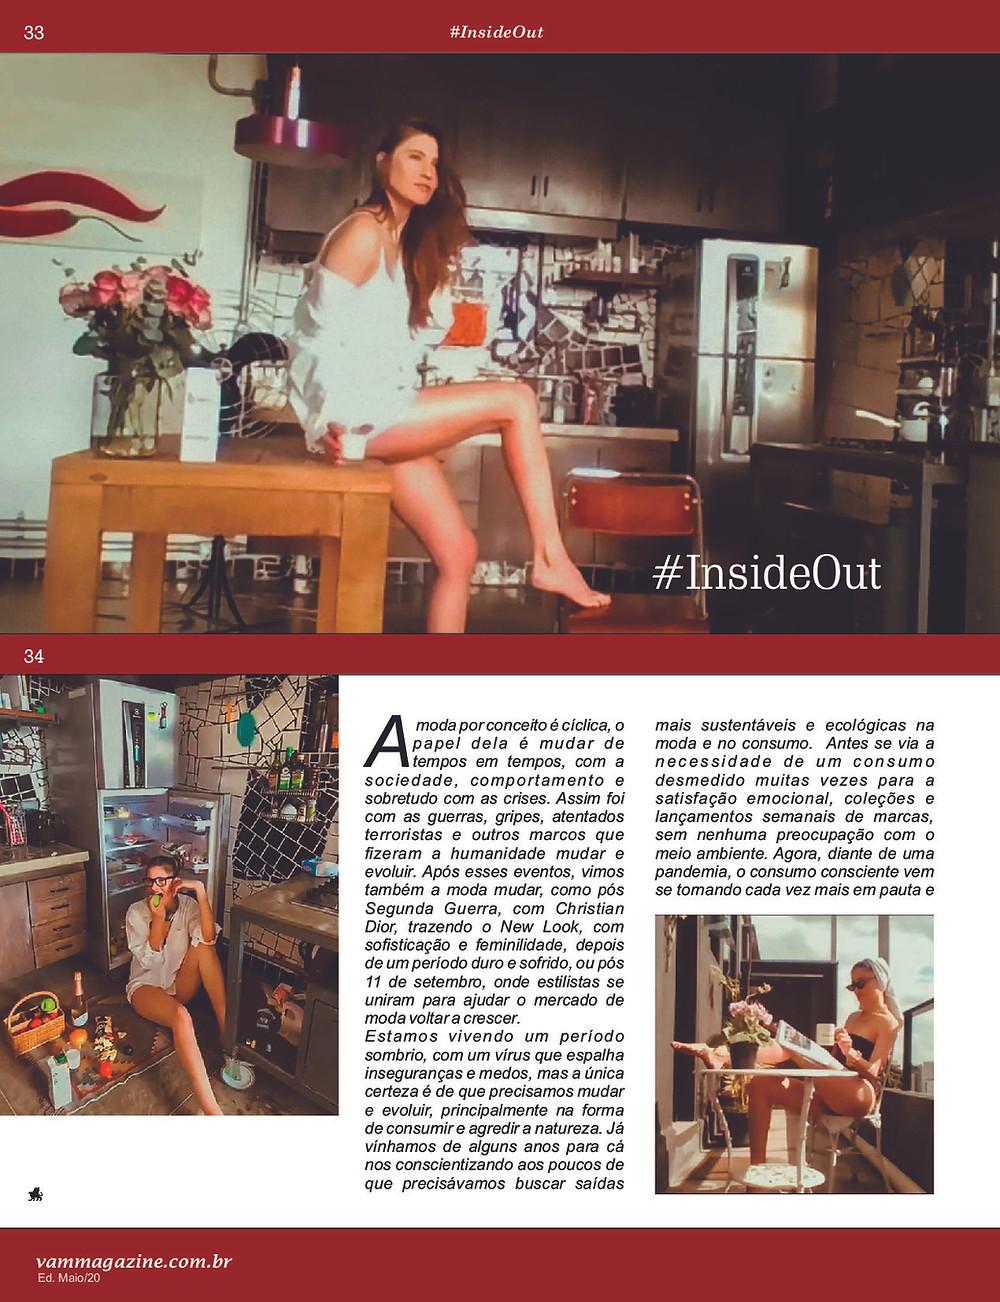 Revista ECO.VAMMAGAZINE.COM.BR_compressed_025